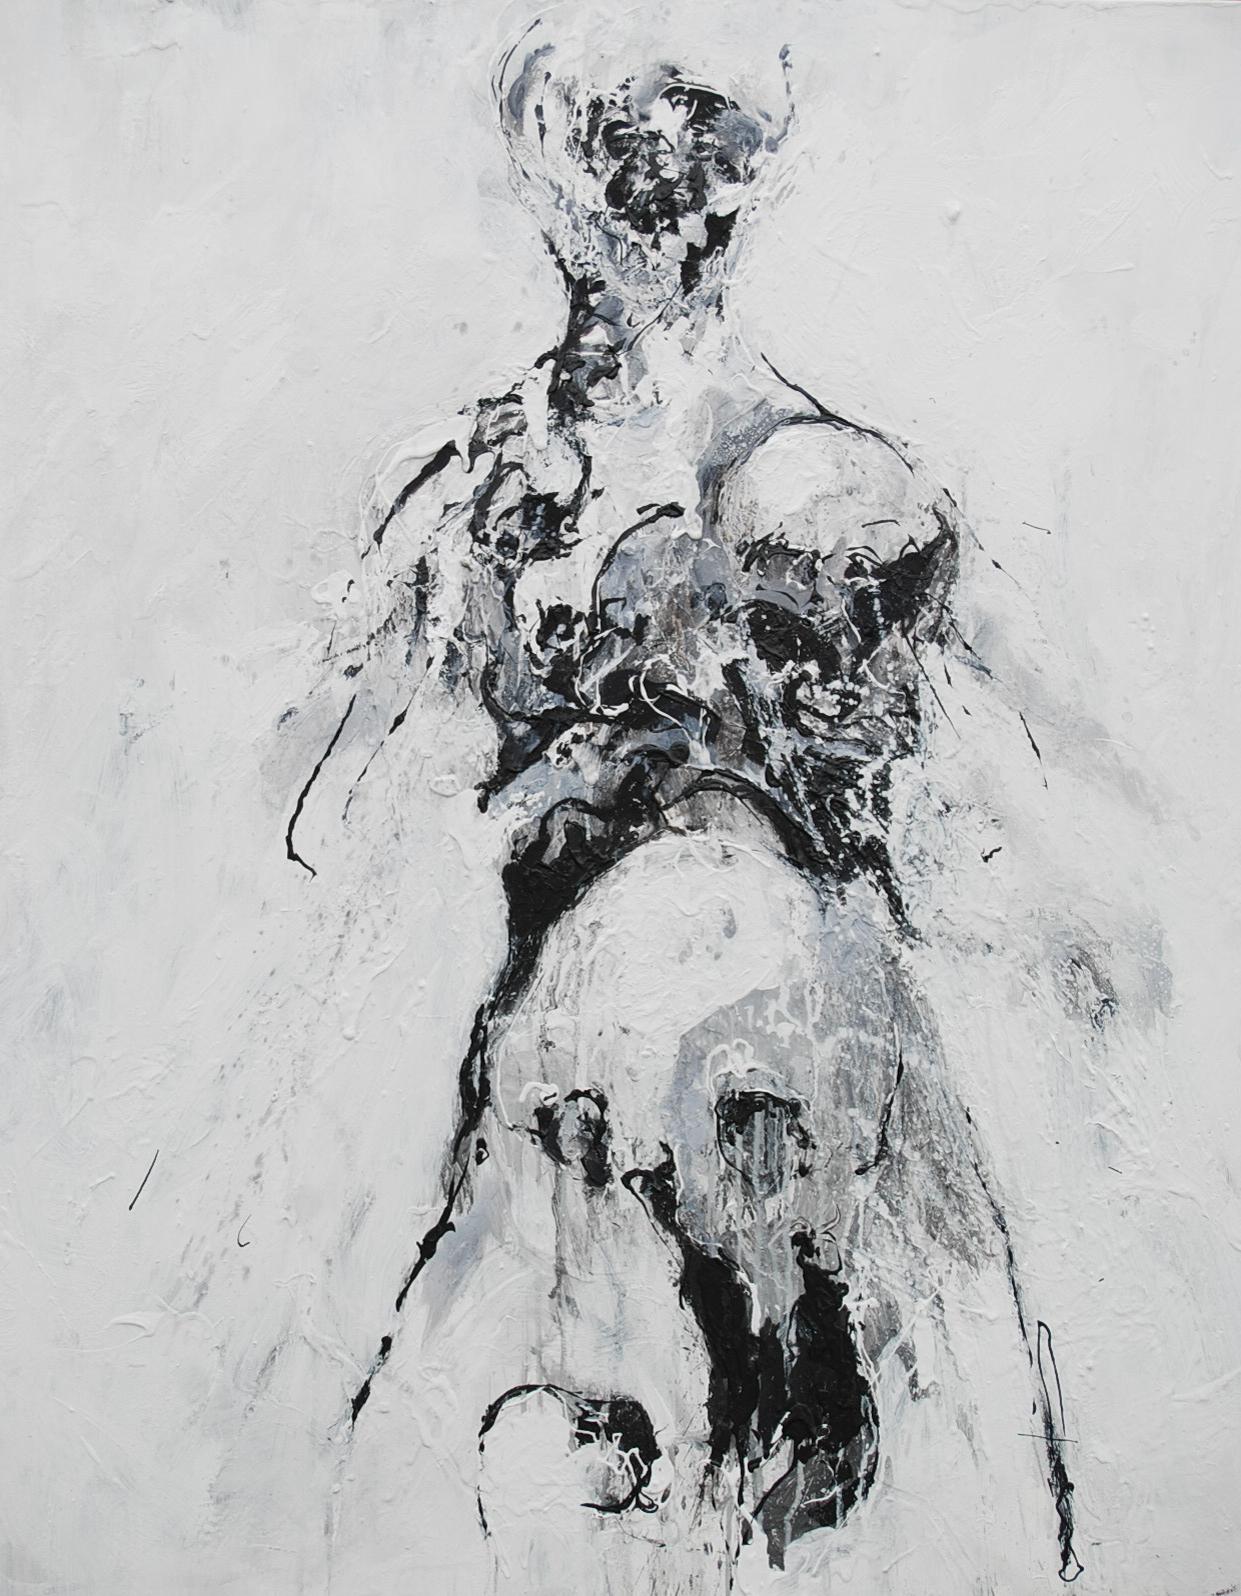 100 x 81 cm  Huile, acrylique, techniques mixtes sur toiles  Châssis simple